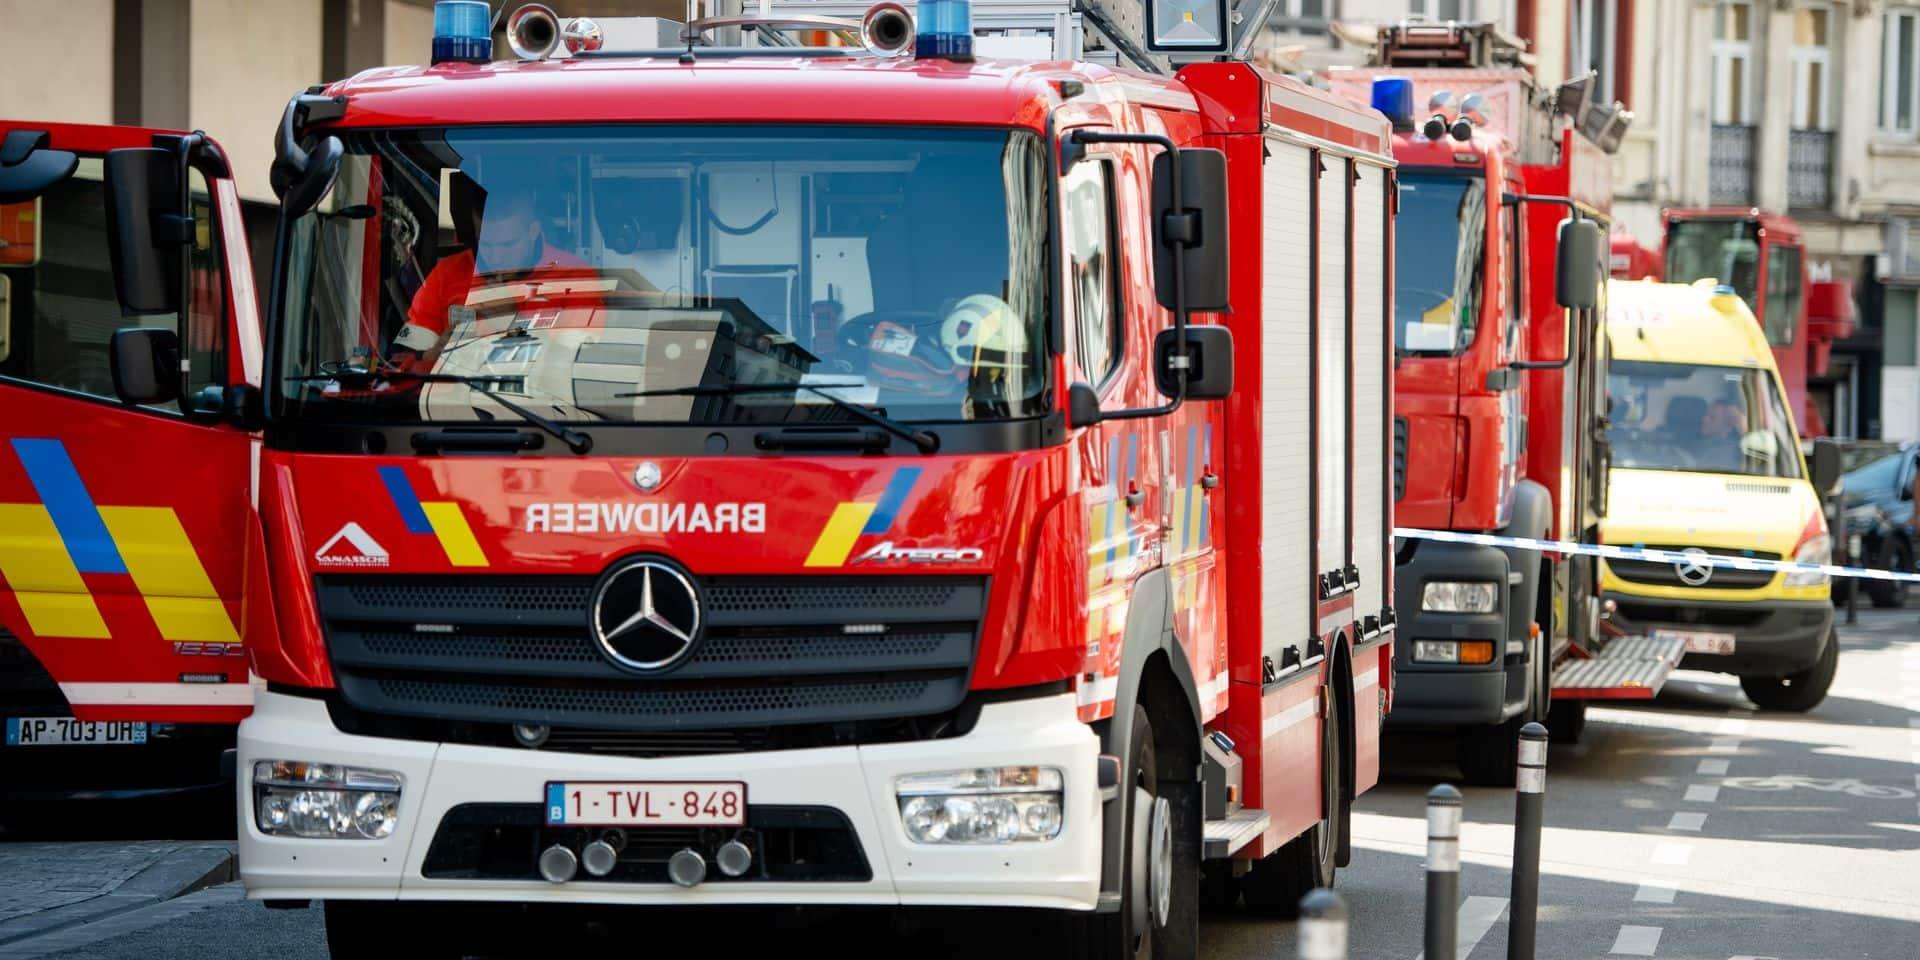 Incendie en sous-sol dans un immeuble à appartements de Molenbeek, le plan d'urgence communal...